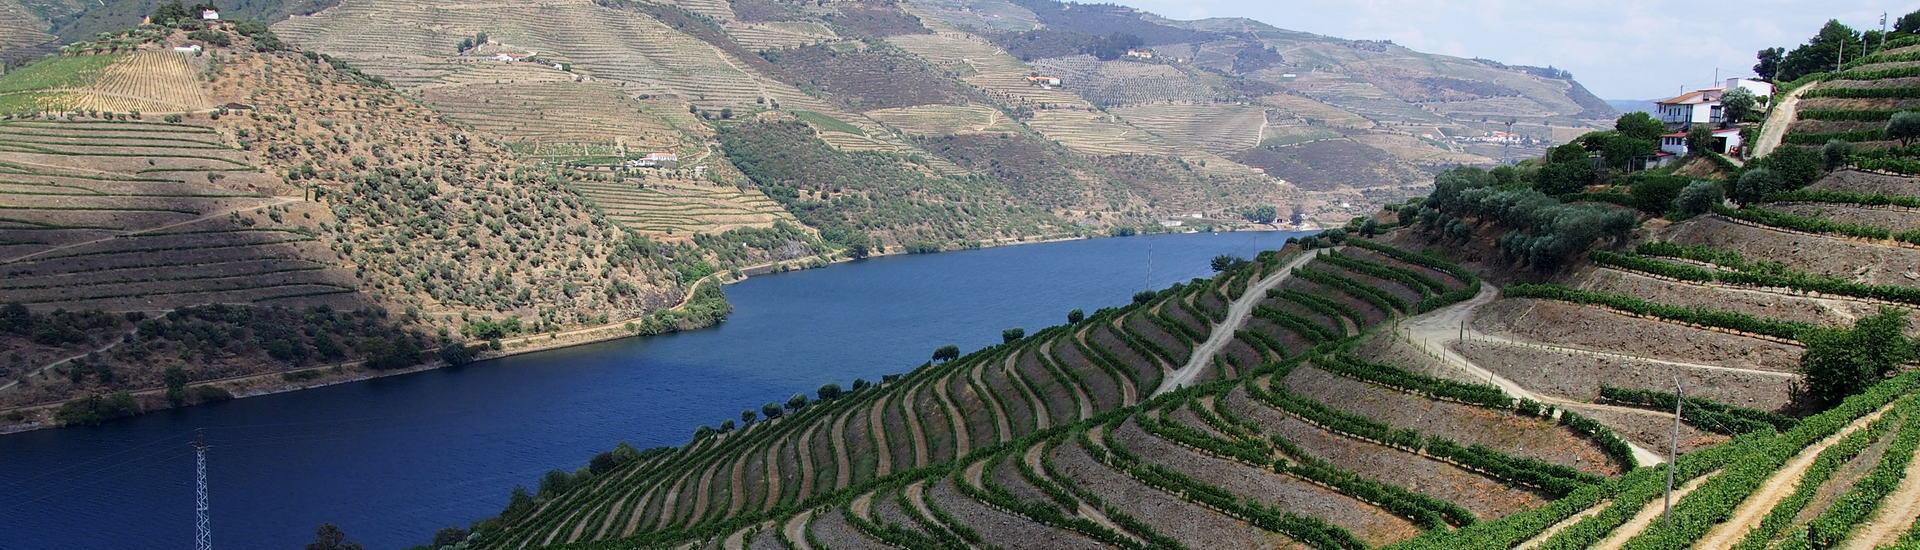 Między Douro a Minho - wędrówki po północnej Portugalii